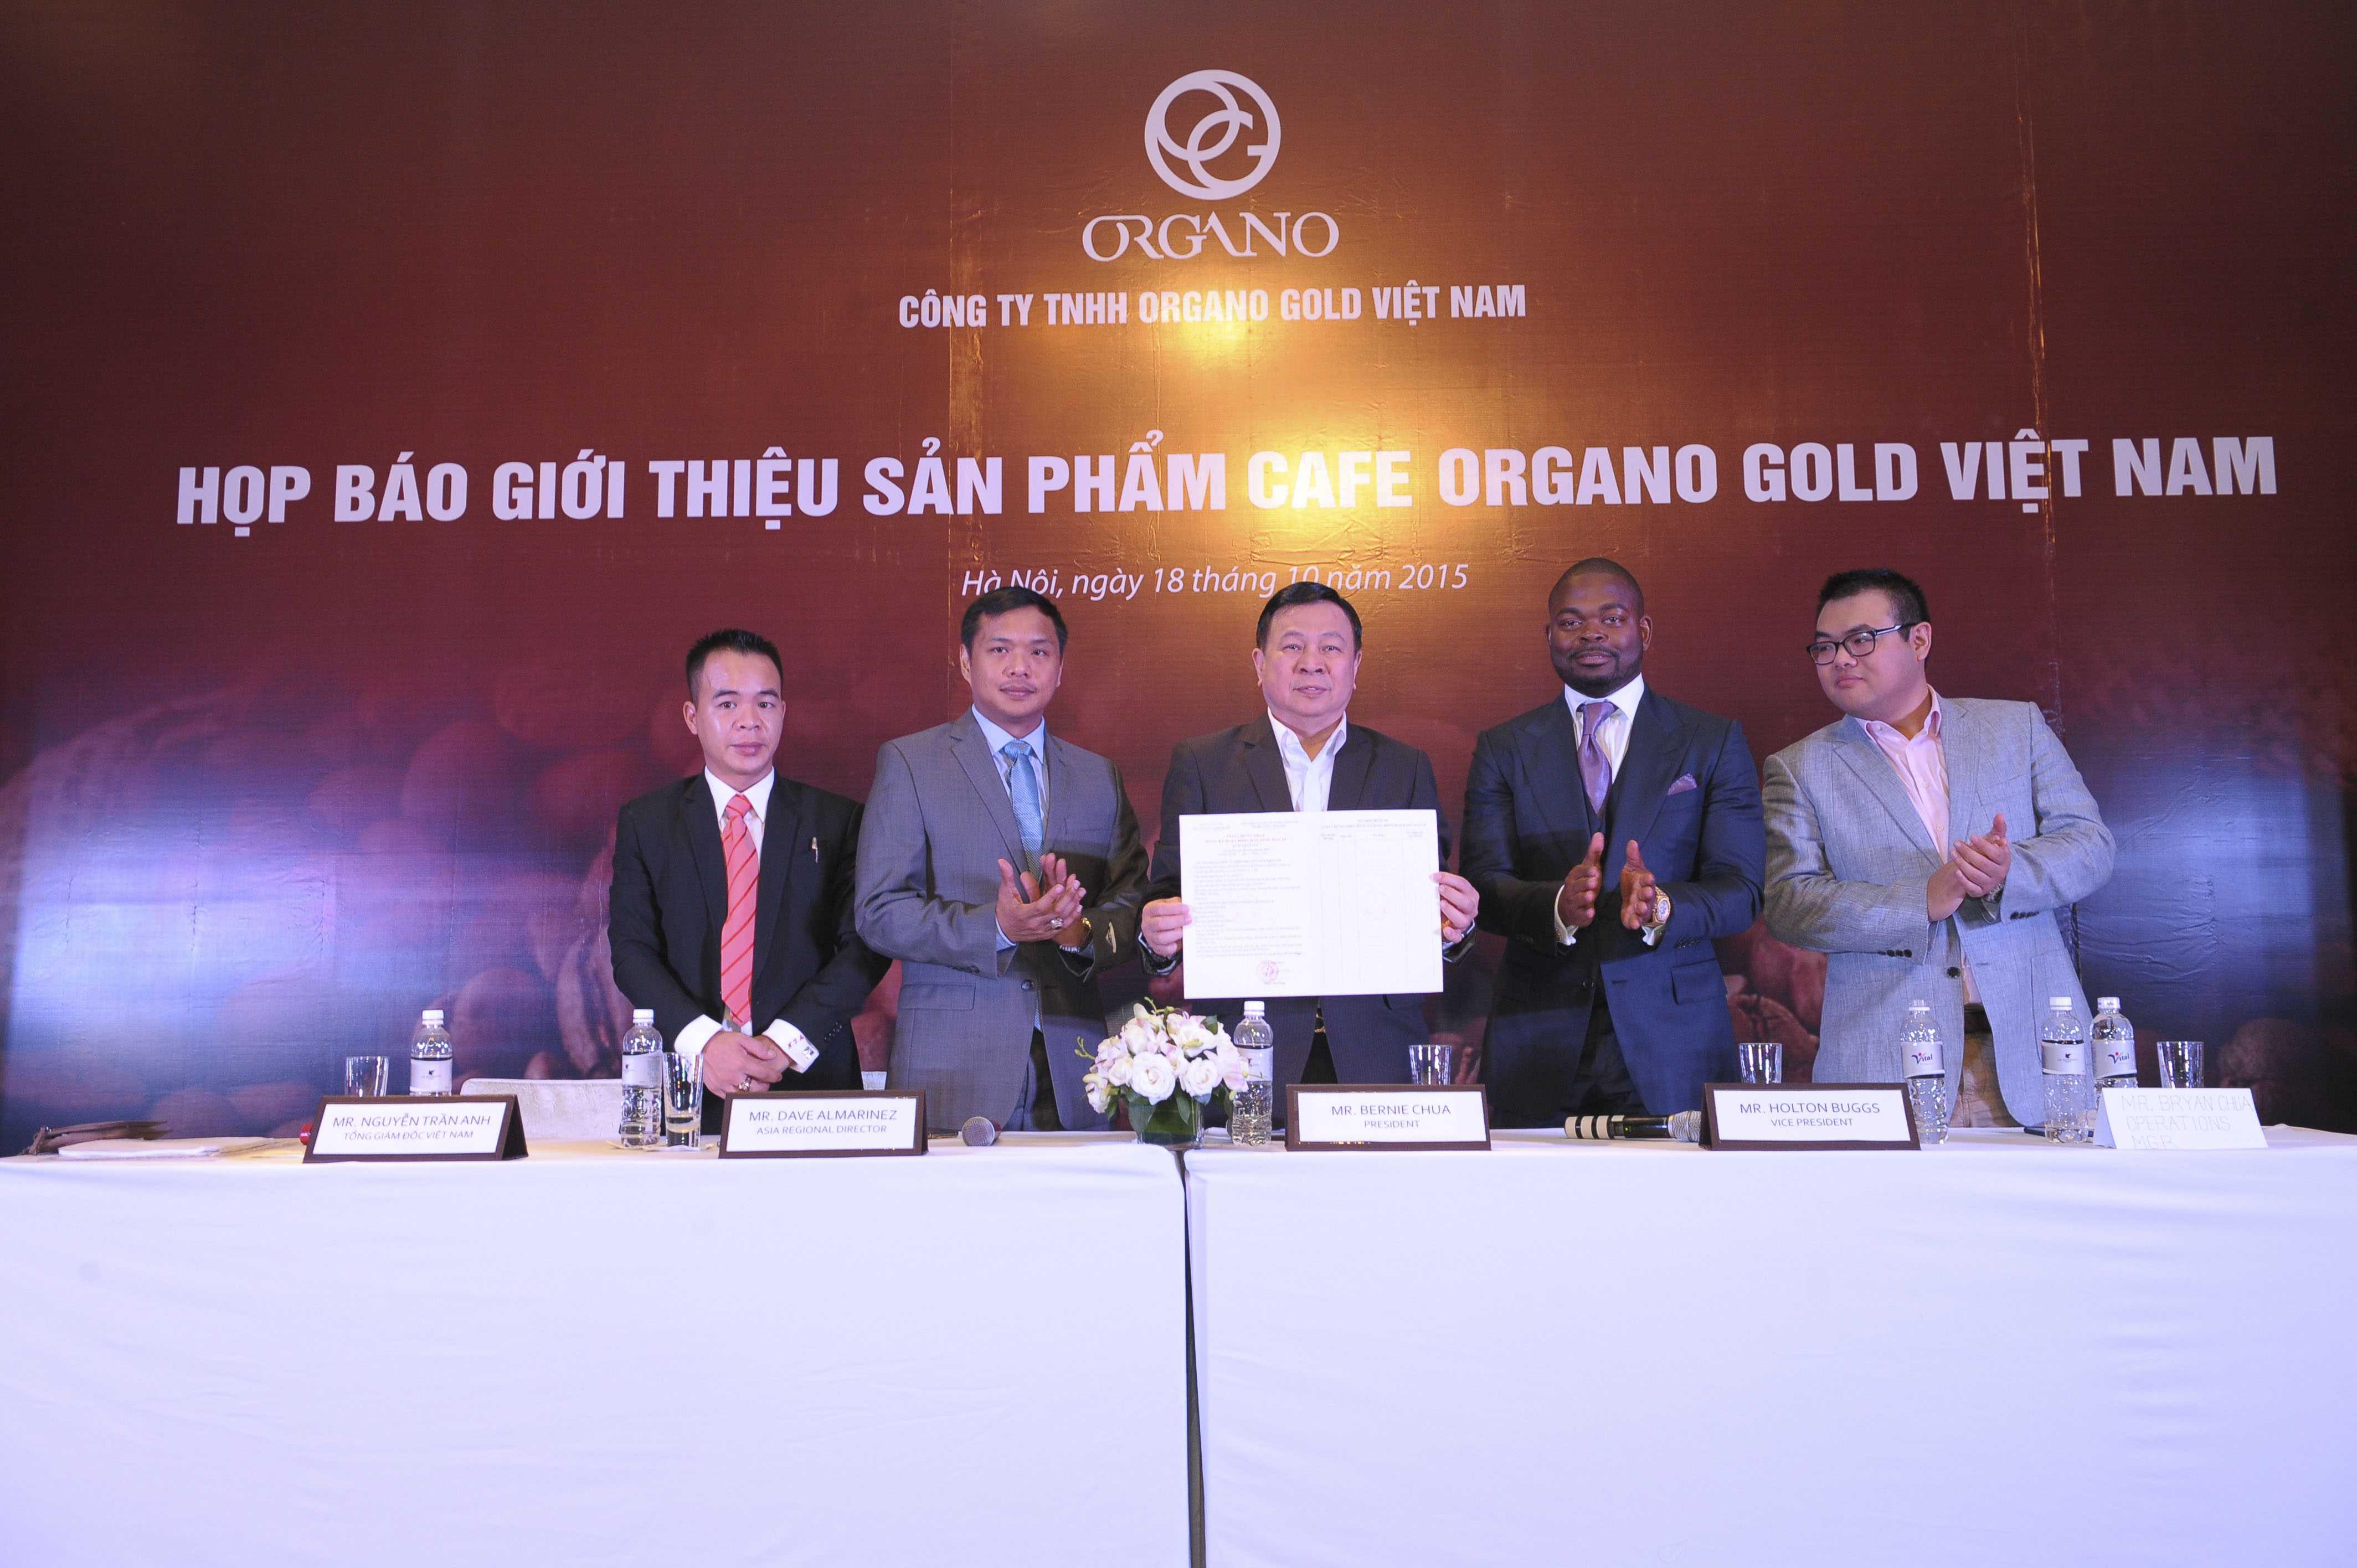 Buổi giới thiệu sản phẩm cà phê Organo Gold